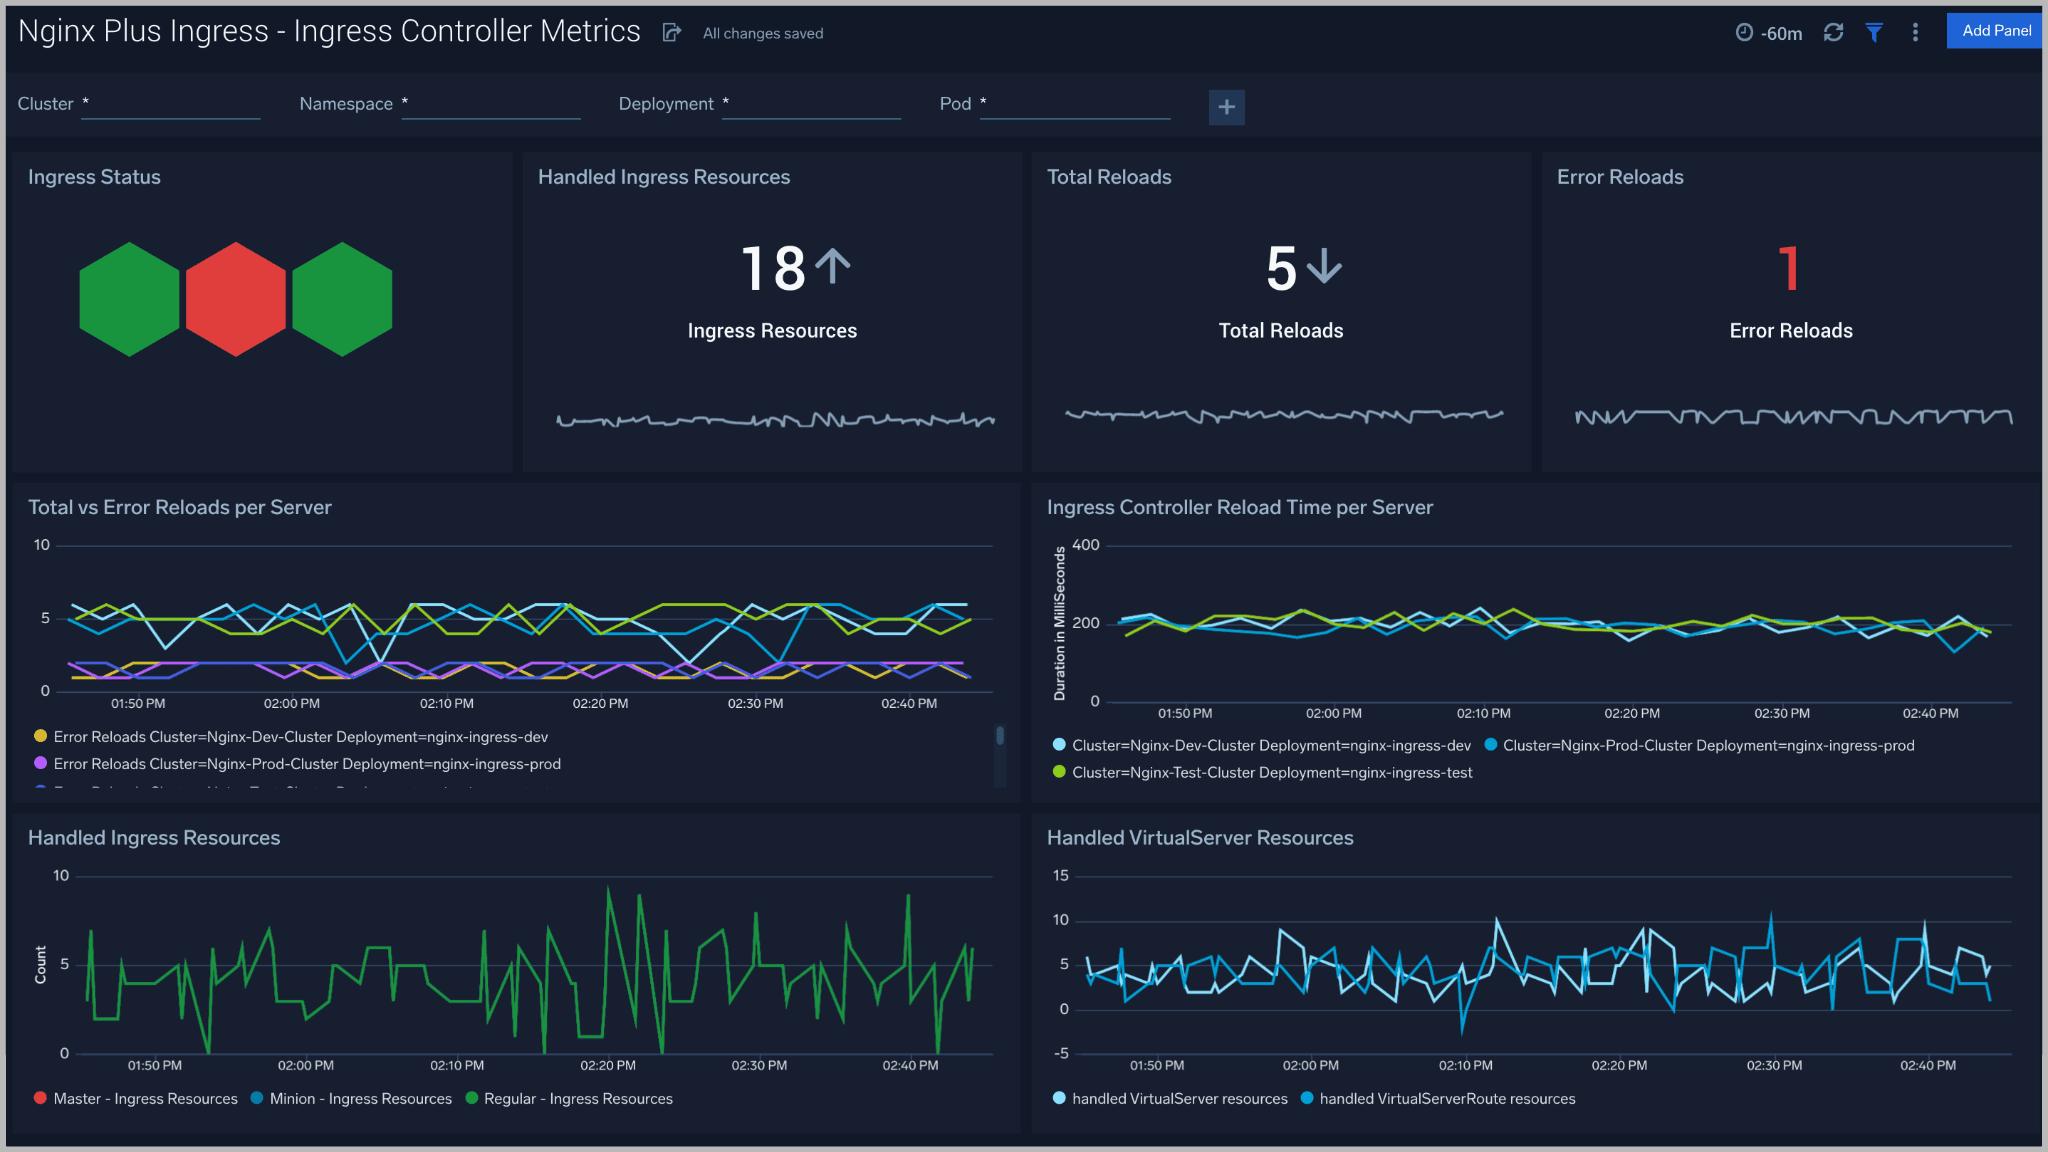 Nginx Plus Ingress dashboard